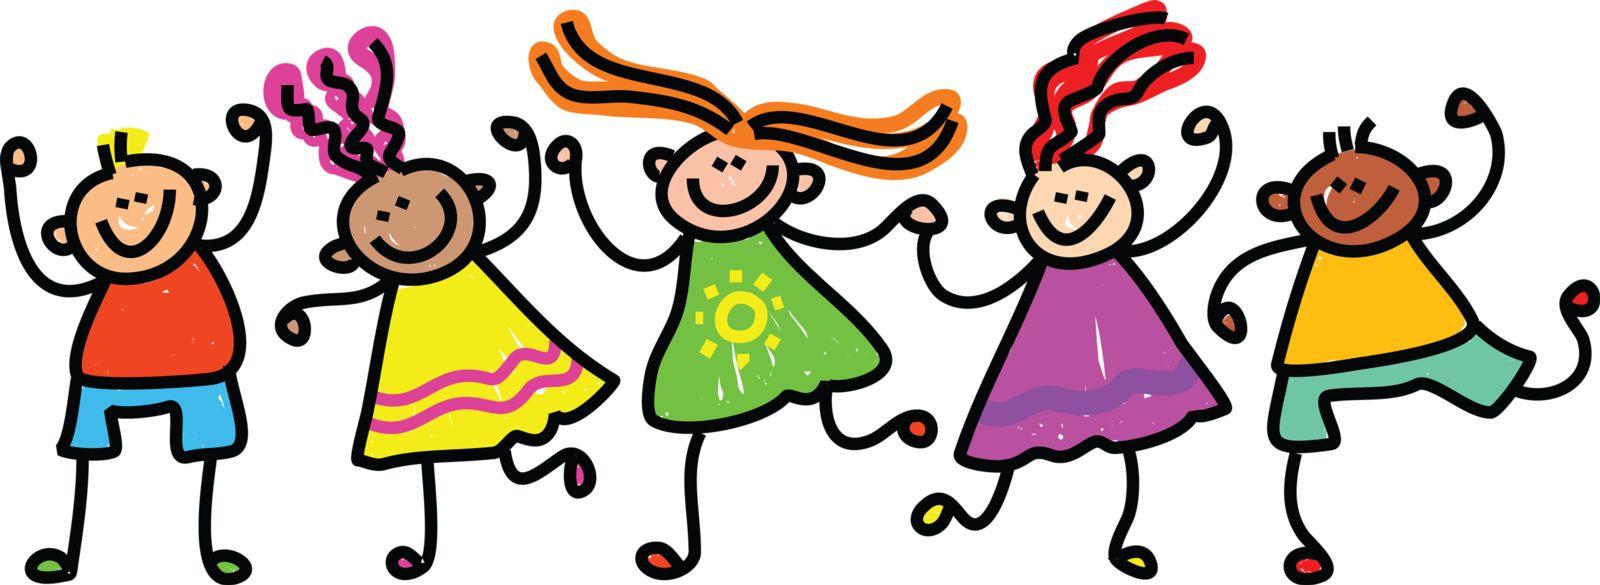 Friends clip art free clipart images 2